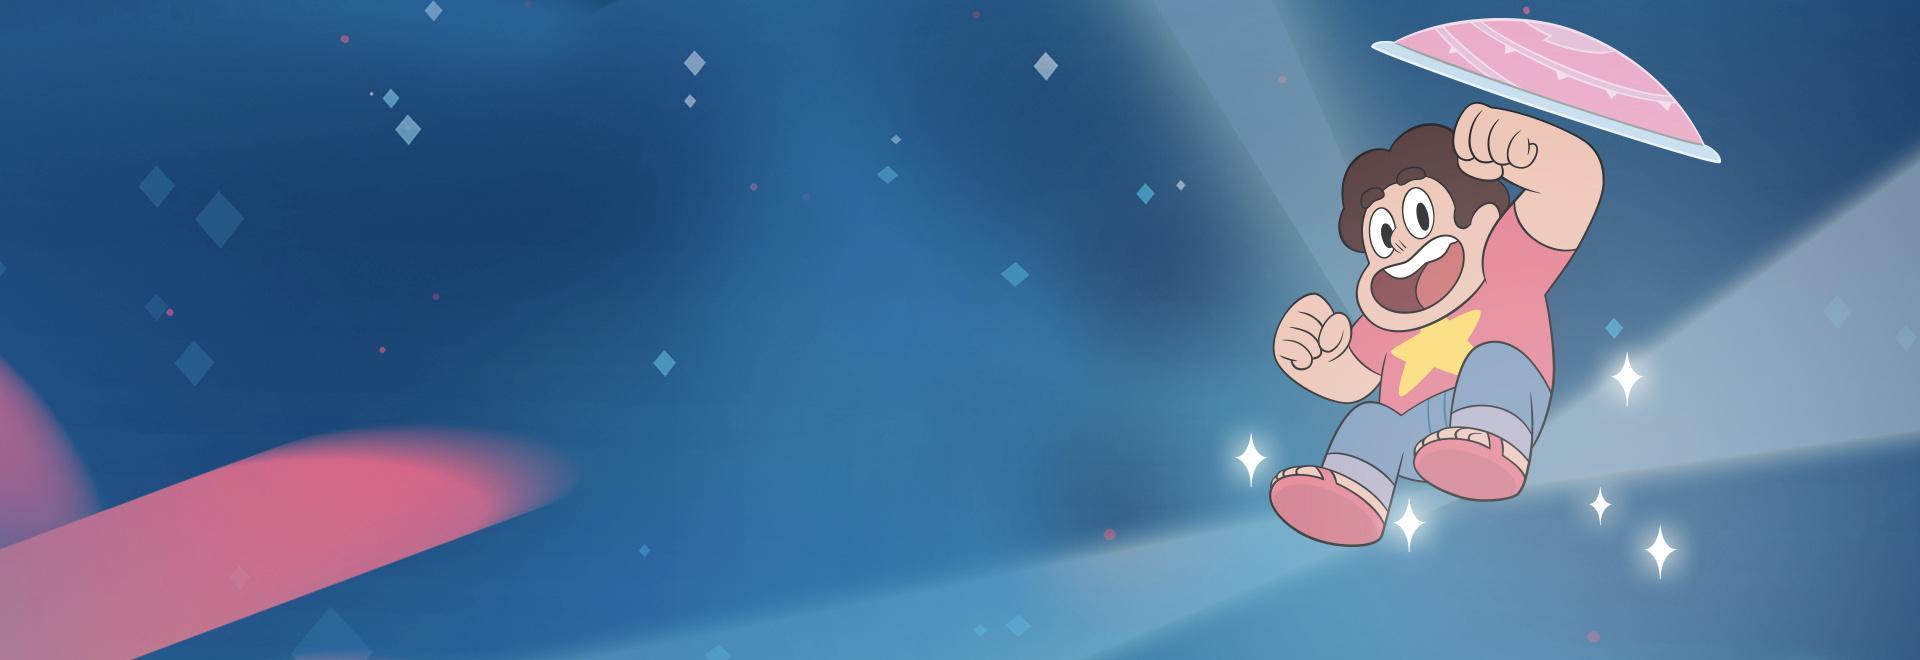 La prima missione di Connie